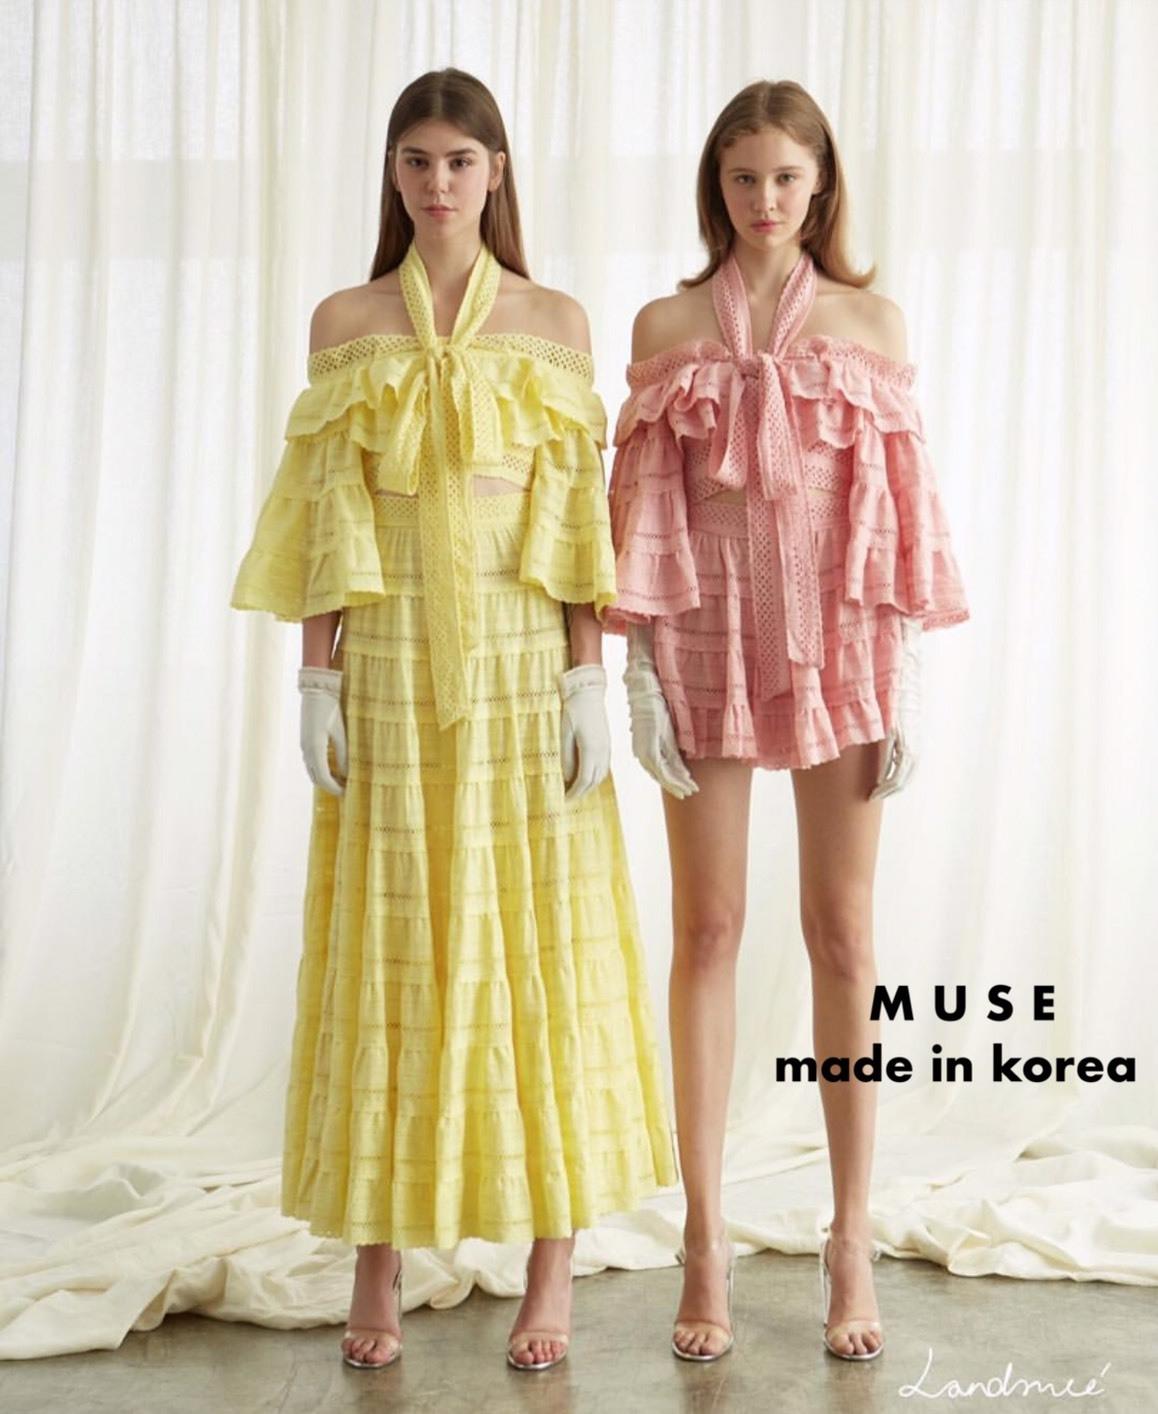 เสื้อผ้าแฟชั่นพร้อมส่ง เซ็ตเสื้อเปิดไหล่ผ้าลูกไมสีเหลือง